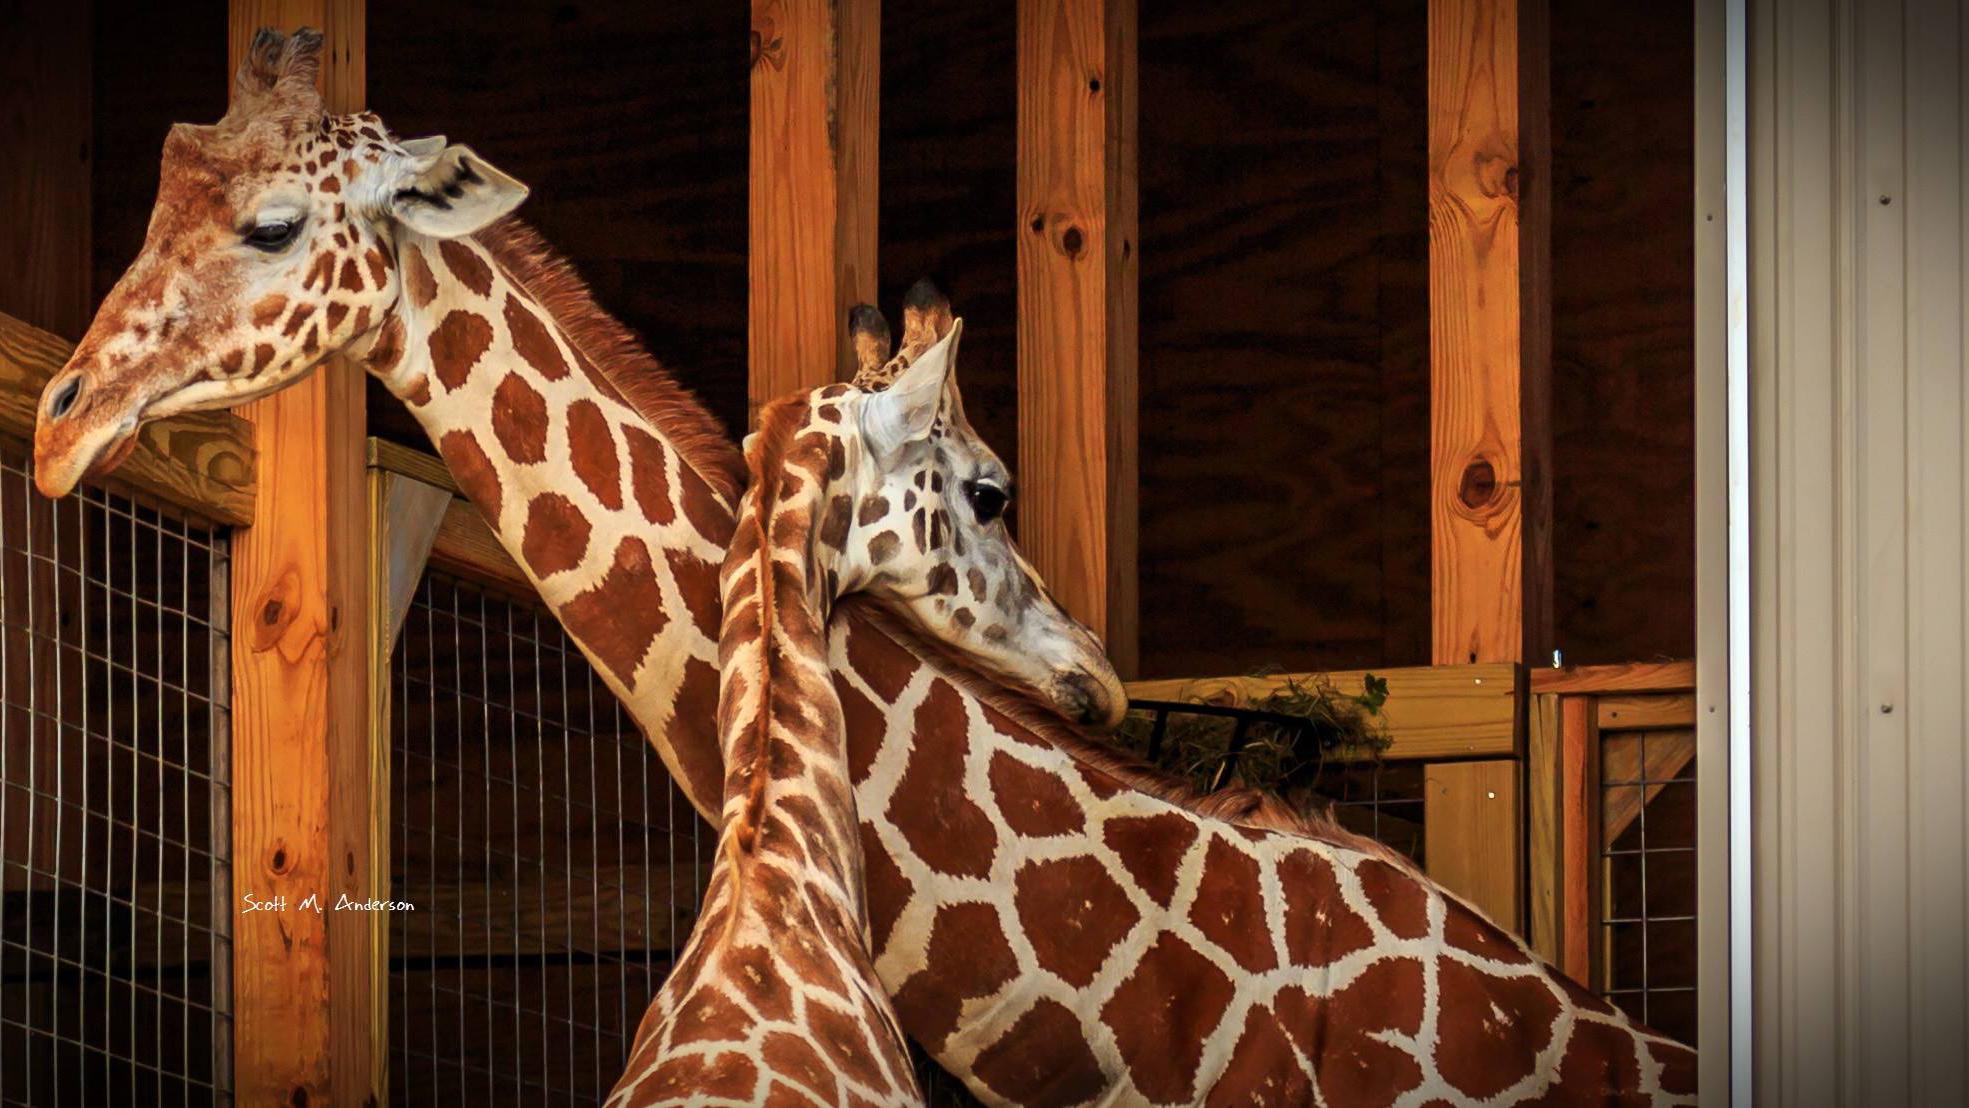 giraffes-april-oliver_1537974198700-118809198.jpg